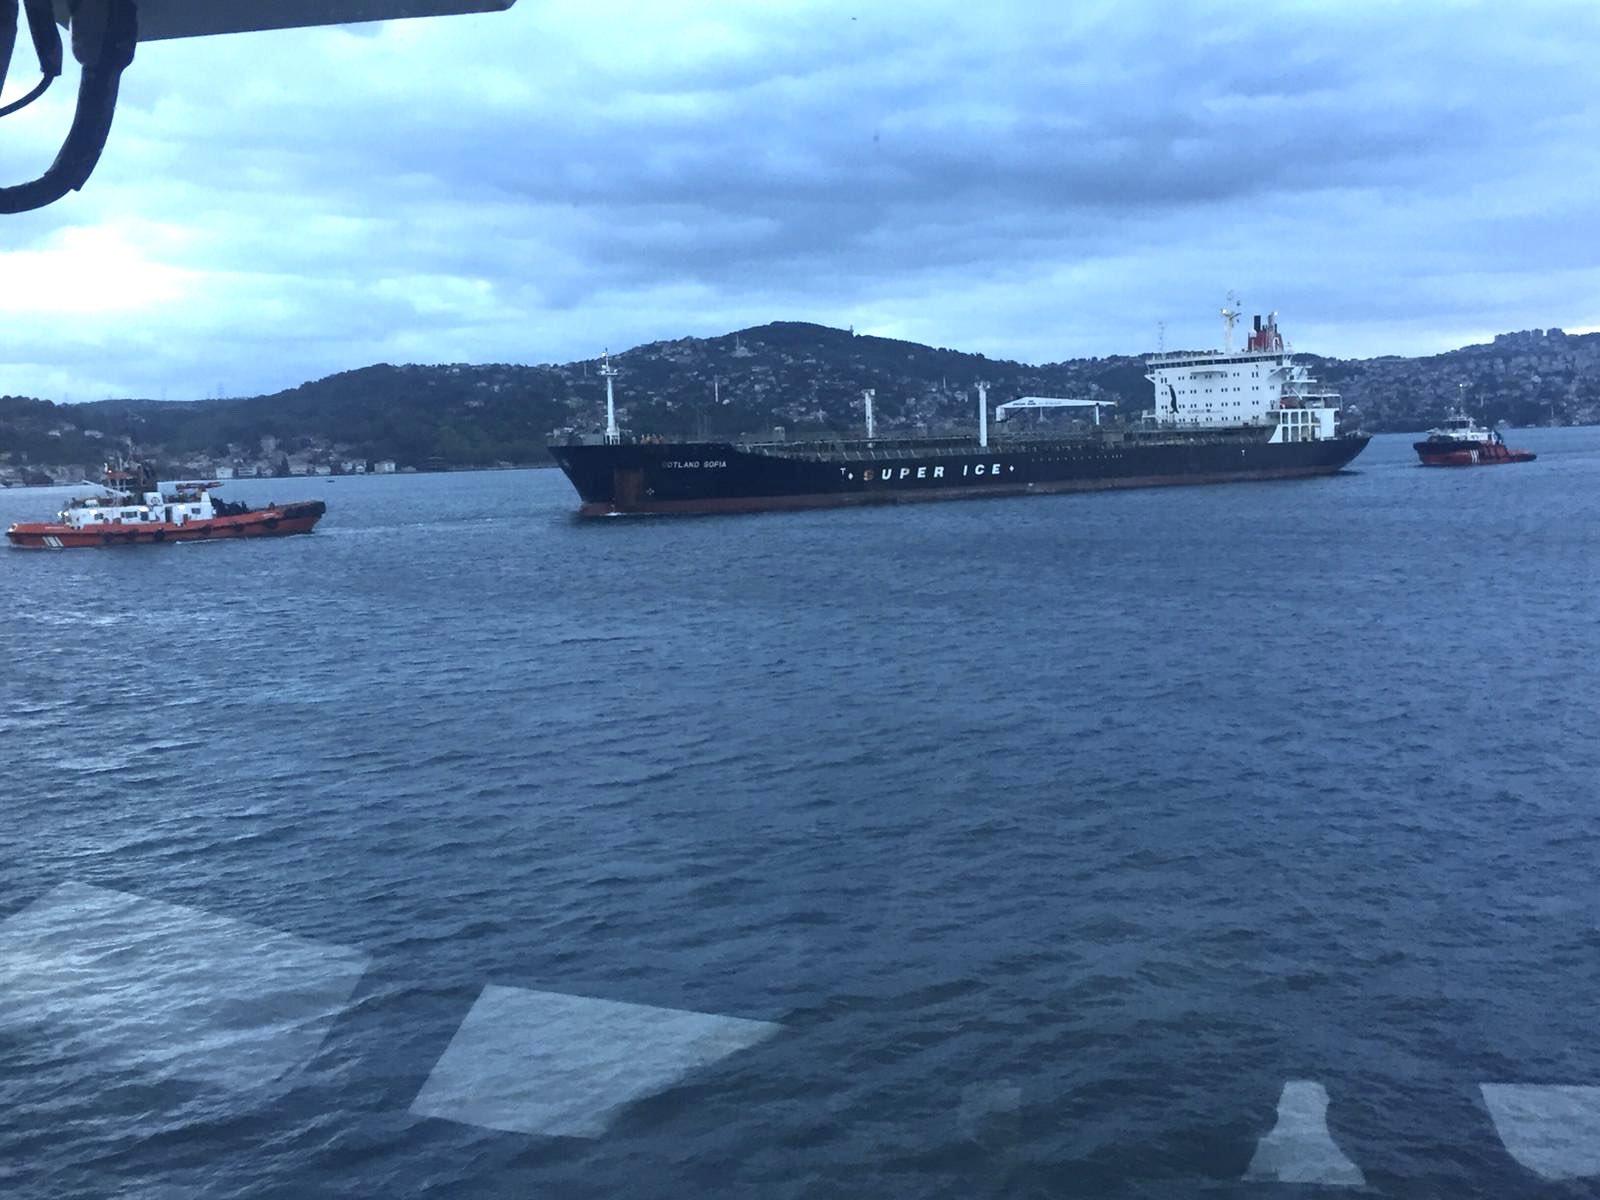 bogaz-yine-tehlike-atlatti-arizalanan-tanker-suruklendi-1327-dhaphoto2.jpg